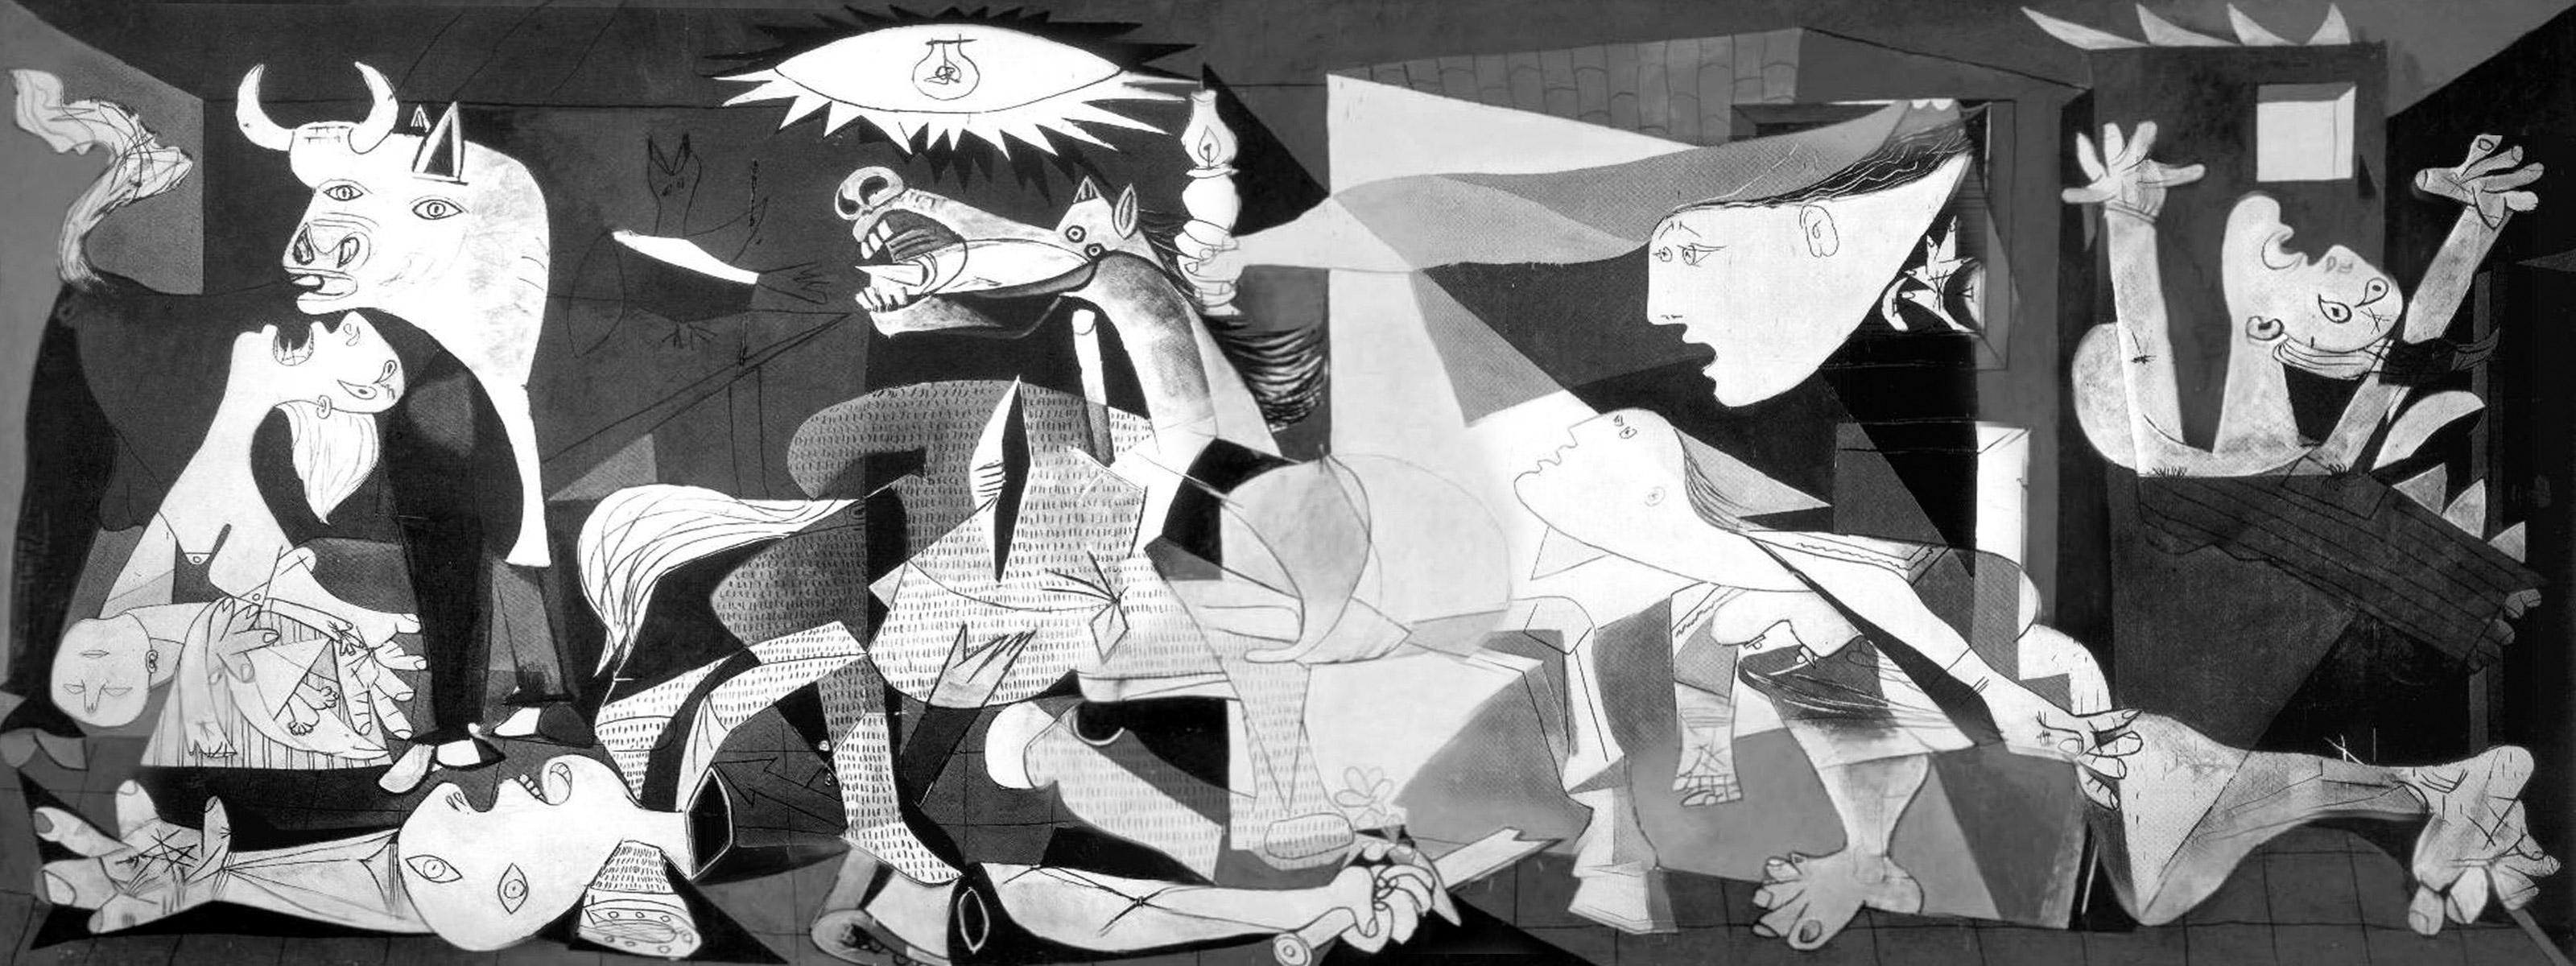 La guerre dans l'art Guernica